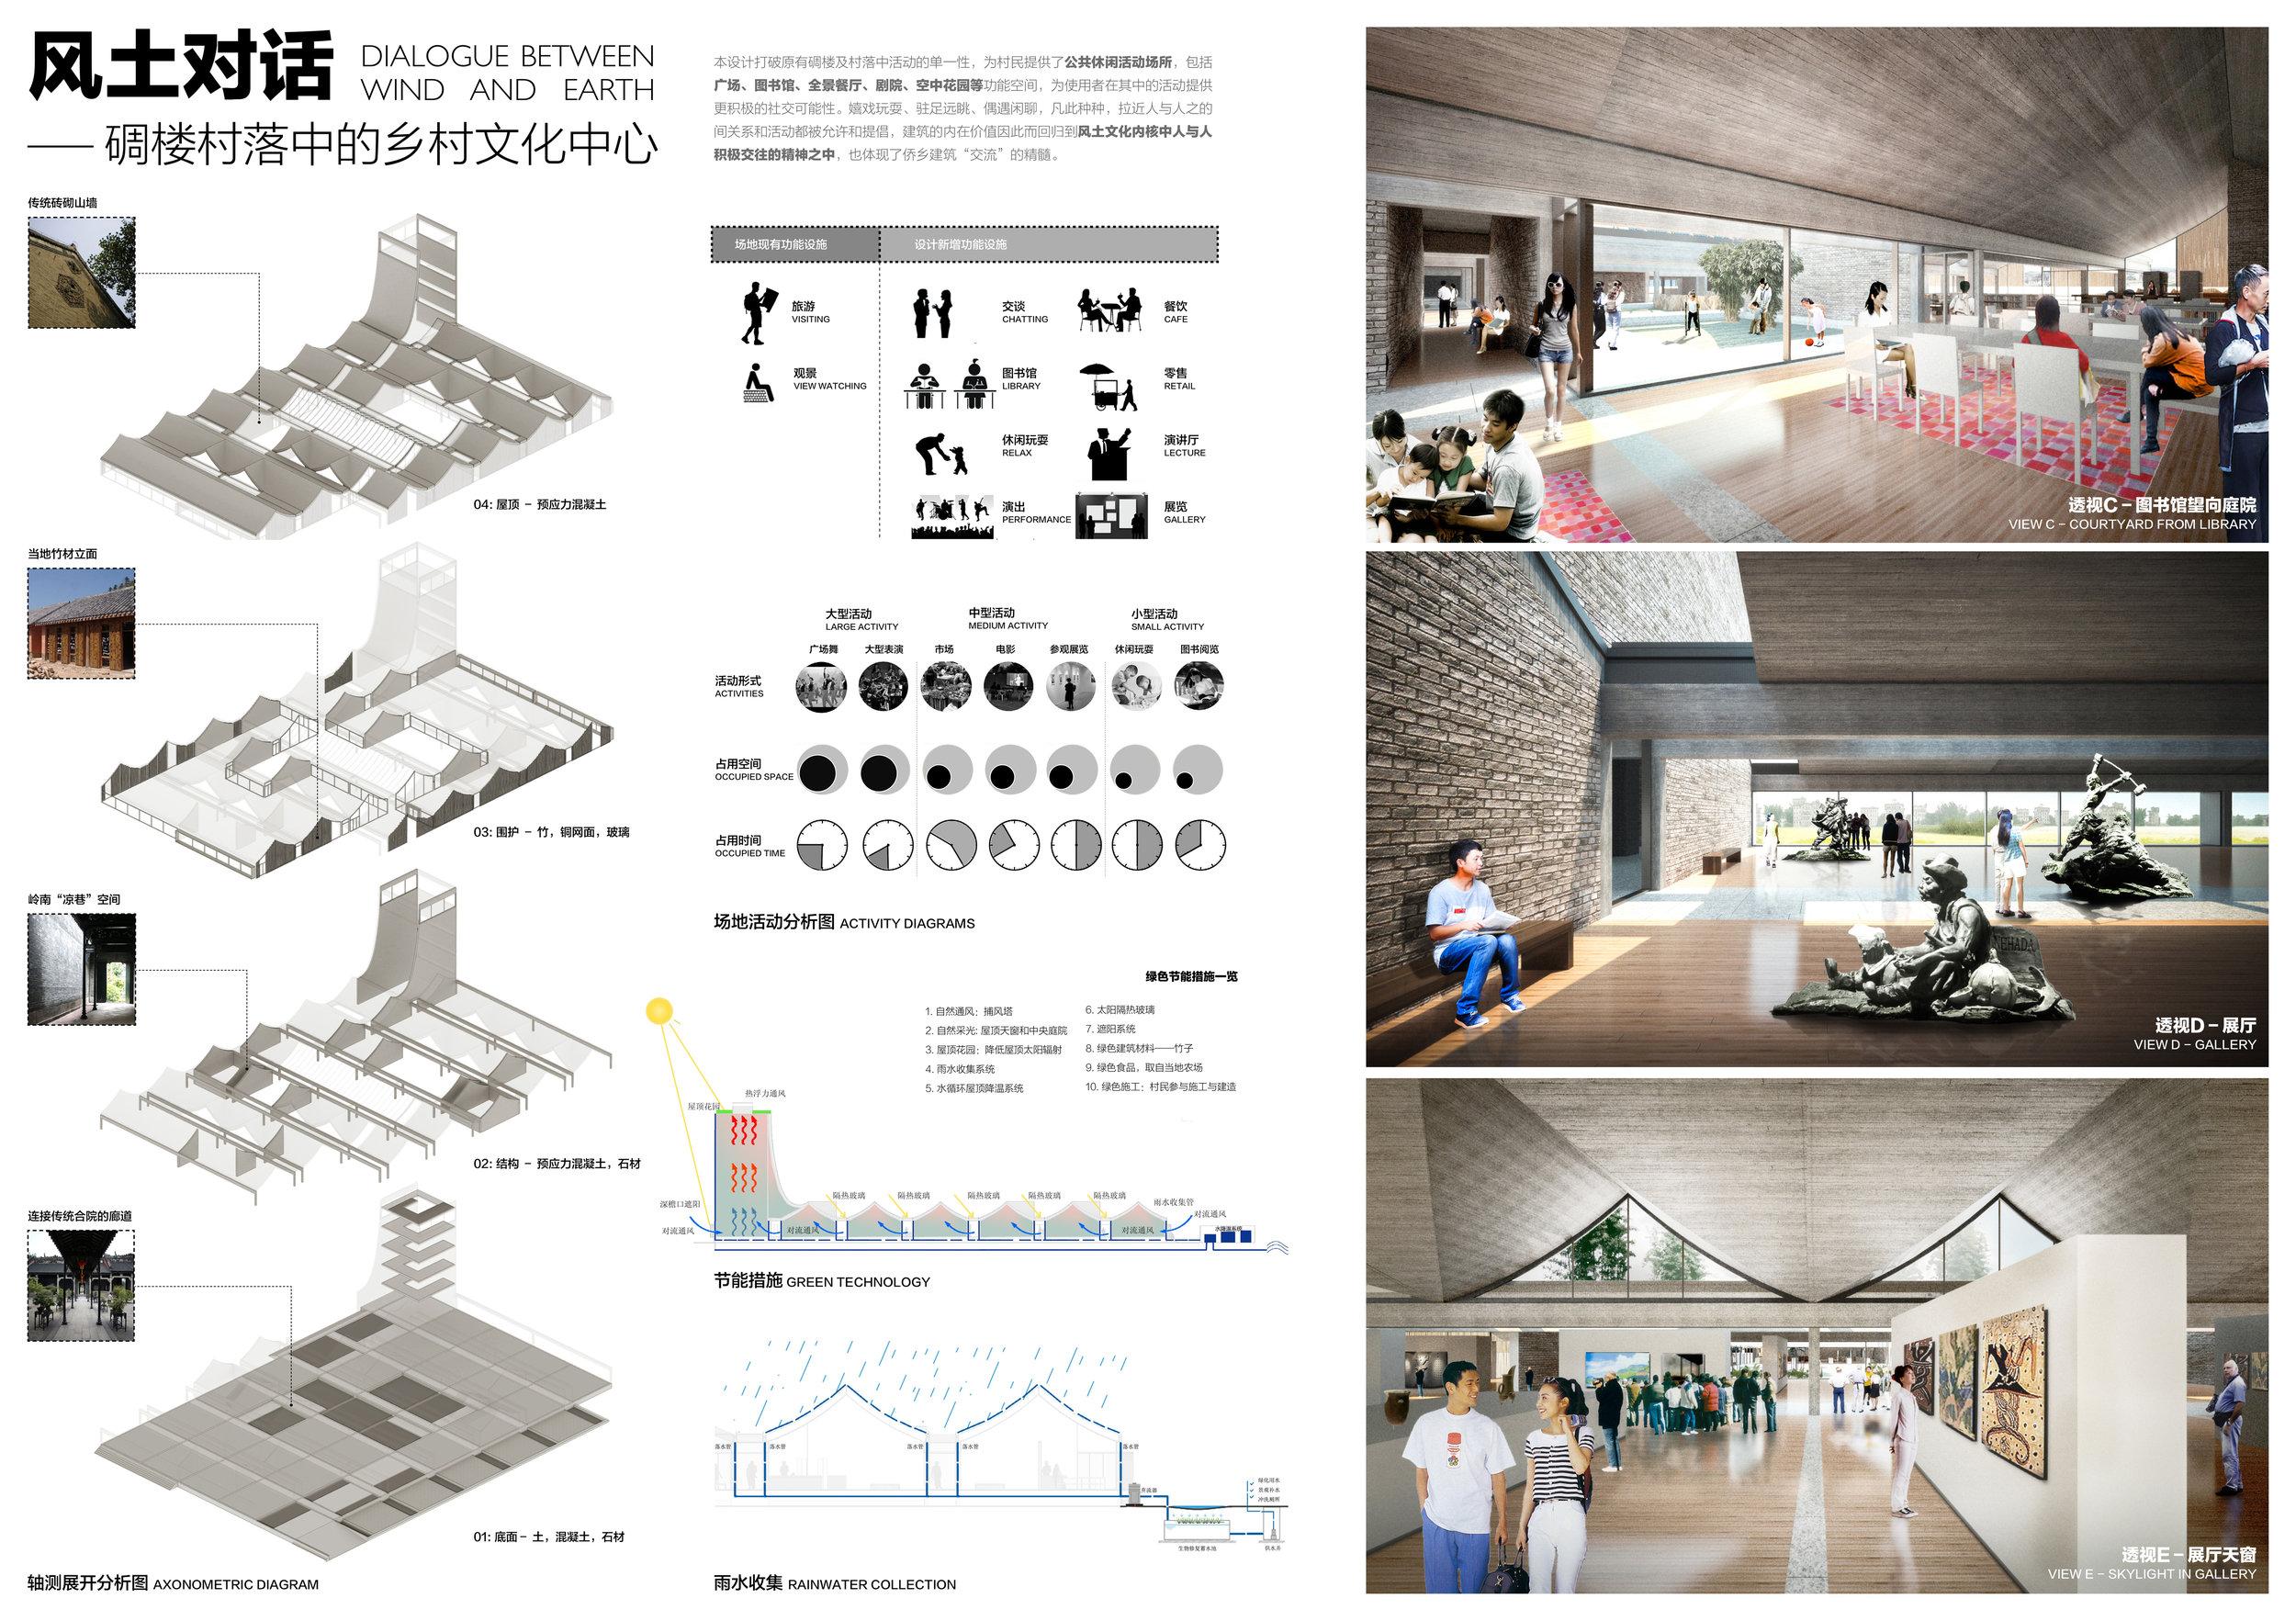 Zili Cultural Center / Kaiping, CHINA  [Credits: Matthew BUNZA, SUN Xiaonuan, YU Zhang, YU Ouyang]  ©2016 Metaamo Studio. All rights reserved.